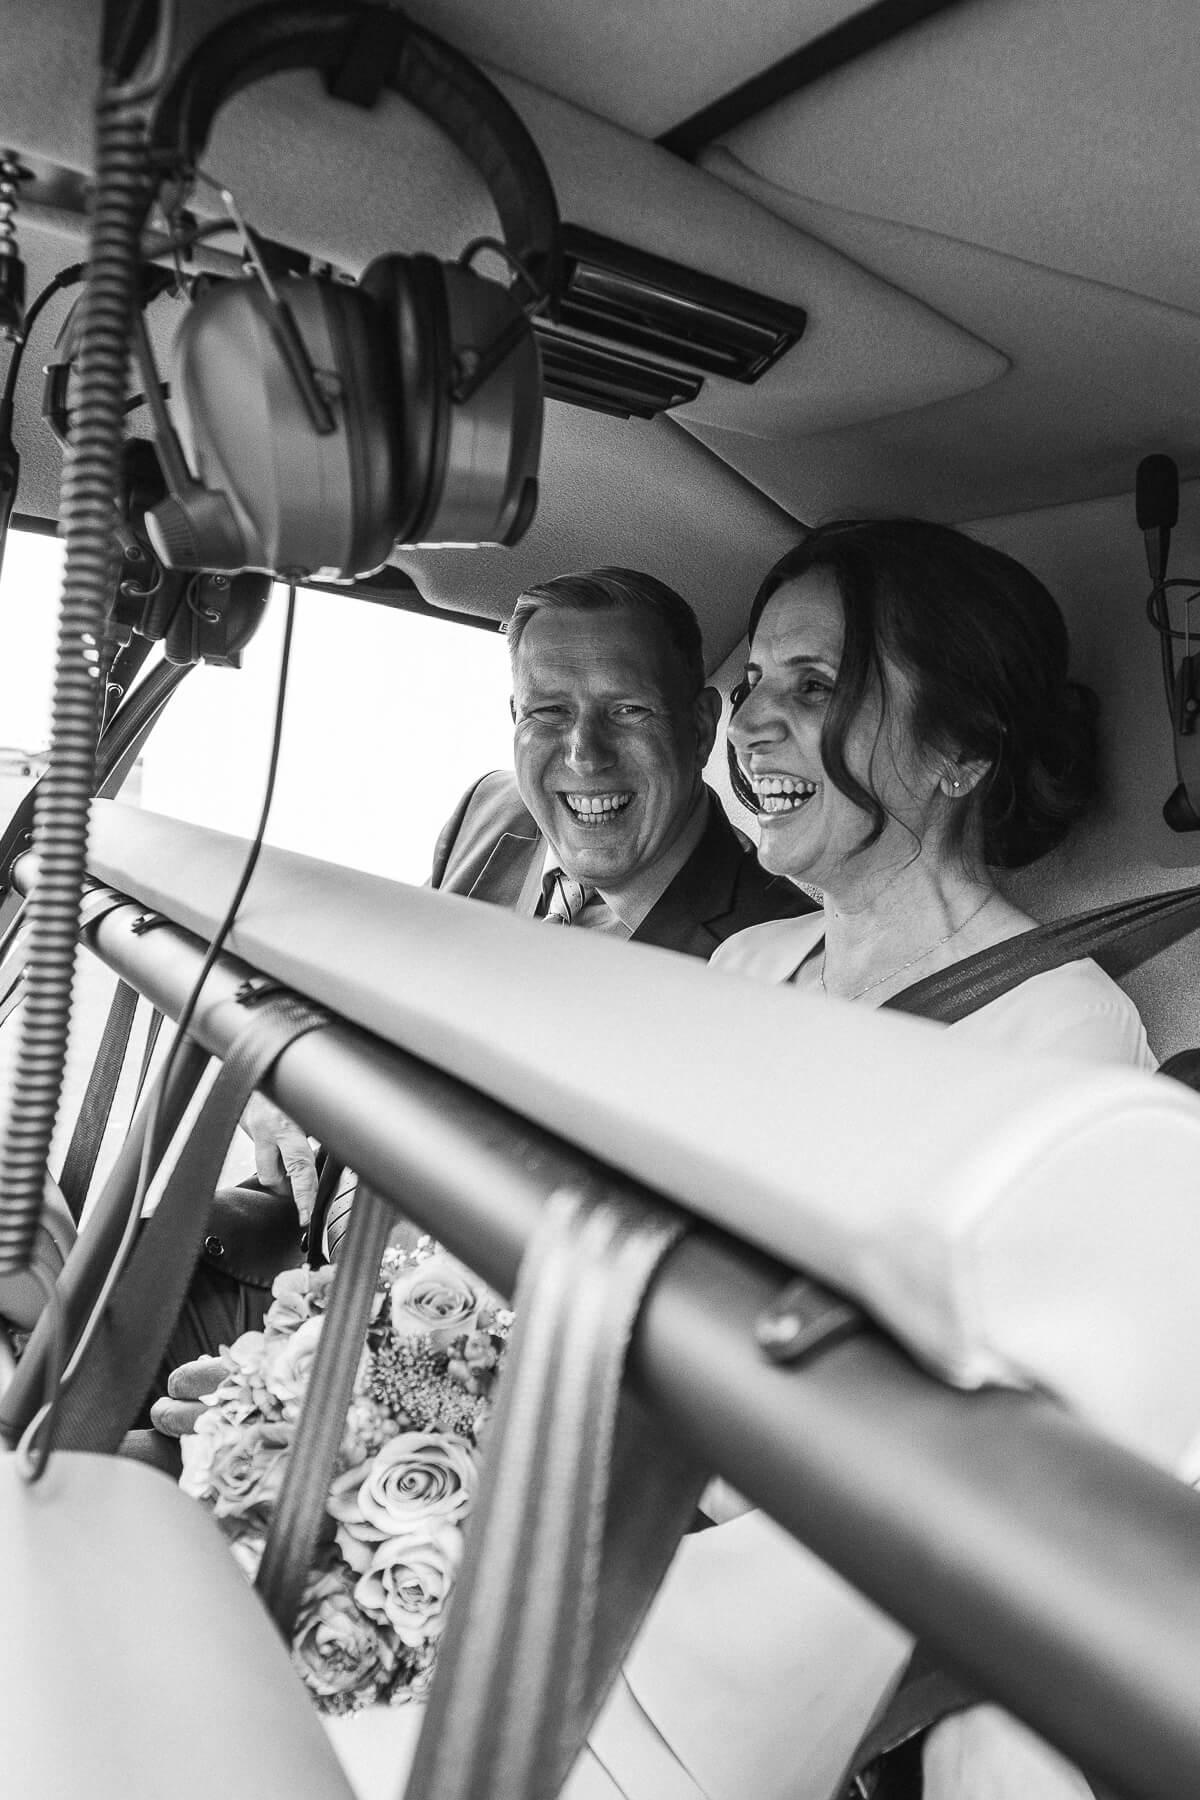 Hochzeitsreportage   Fotograf  Lufthochzeit im Hubschrauber  Hangelar 03